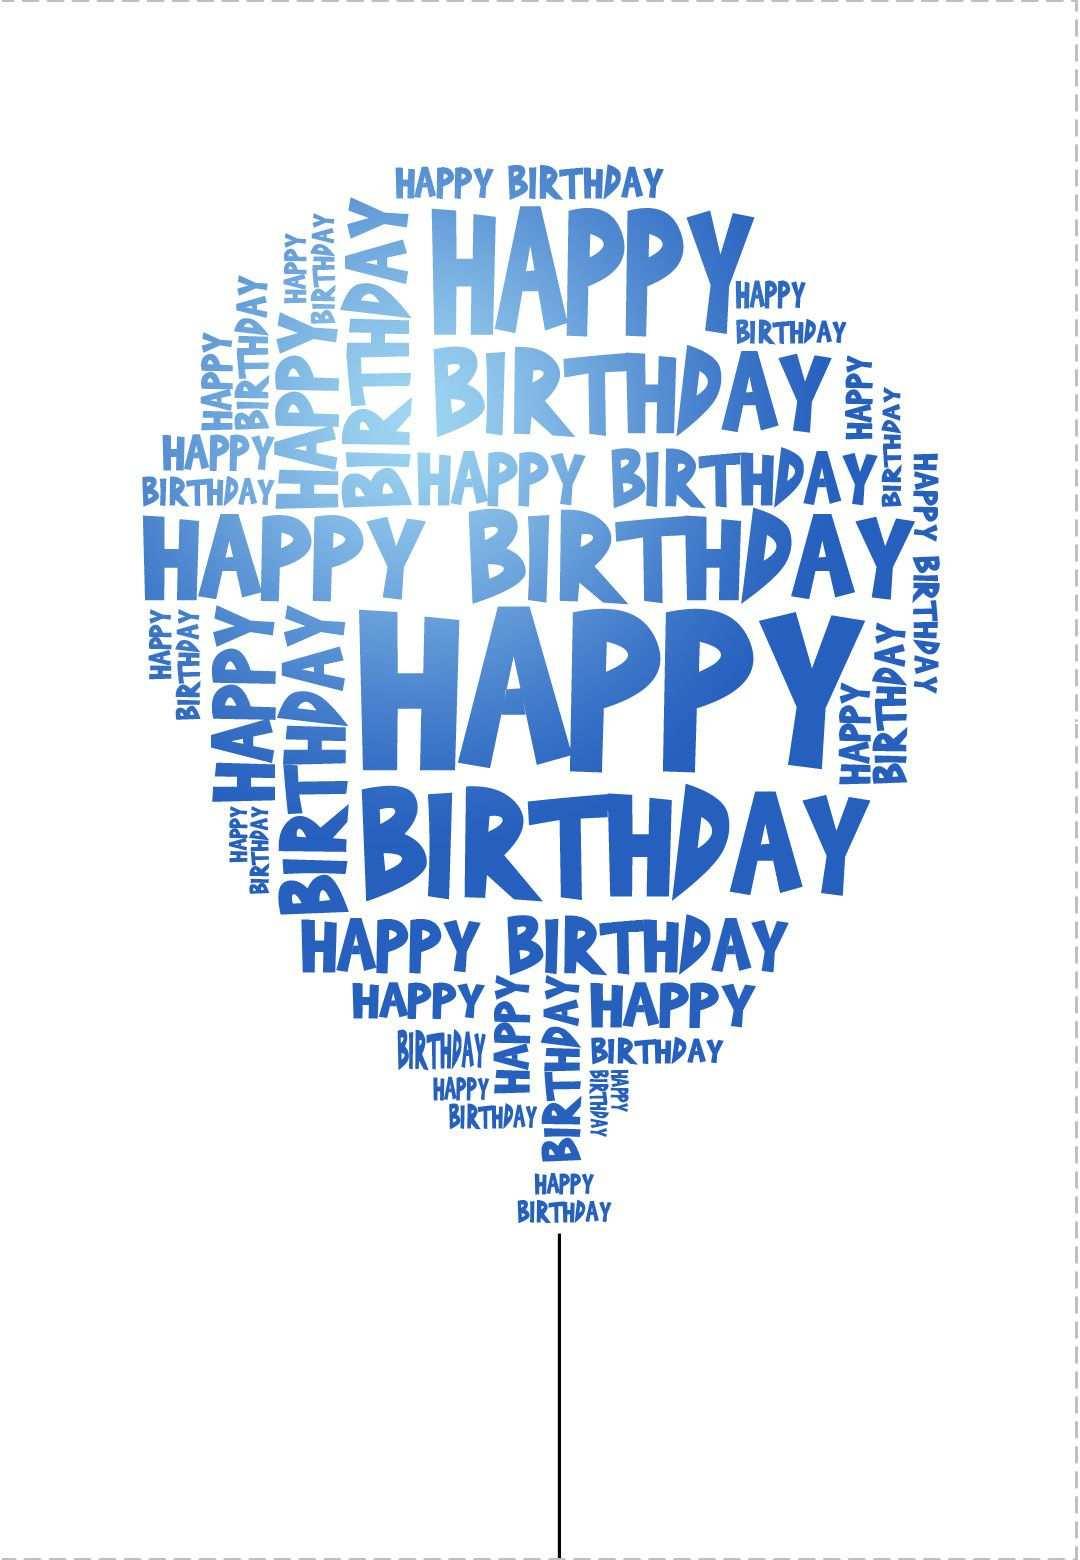 Free Printable Happy Birthday Balloon Greeting Card Verjaardagskaart Verjaardagskaarten Verjaardagsbord